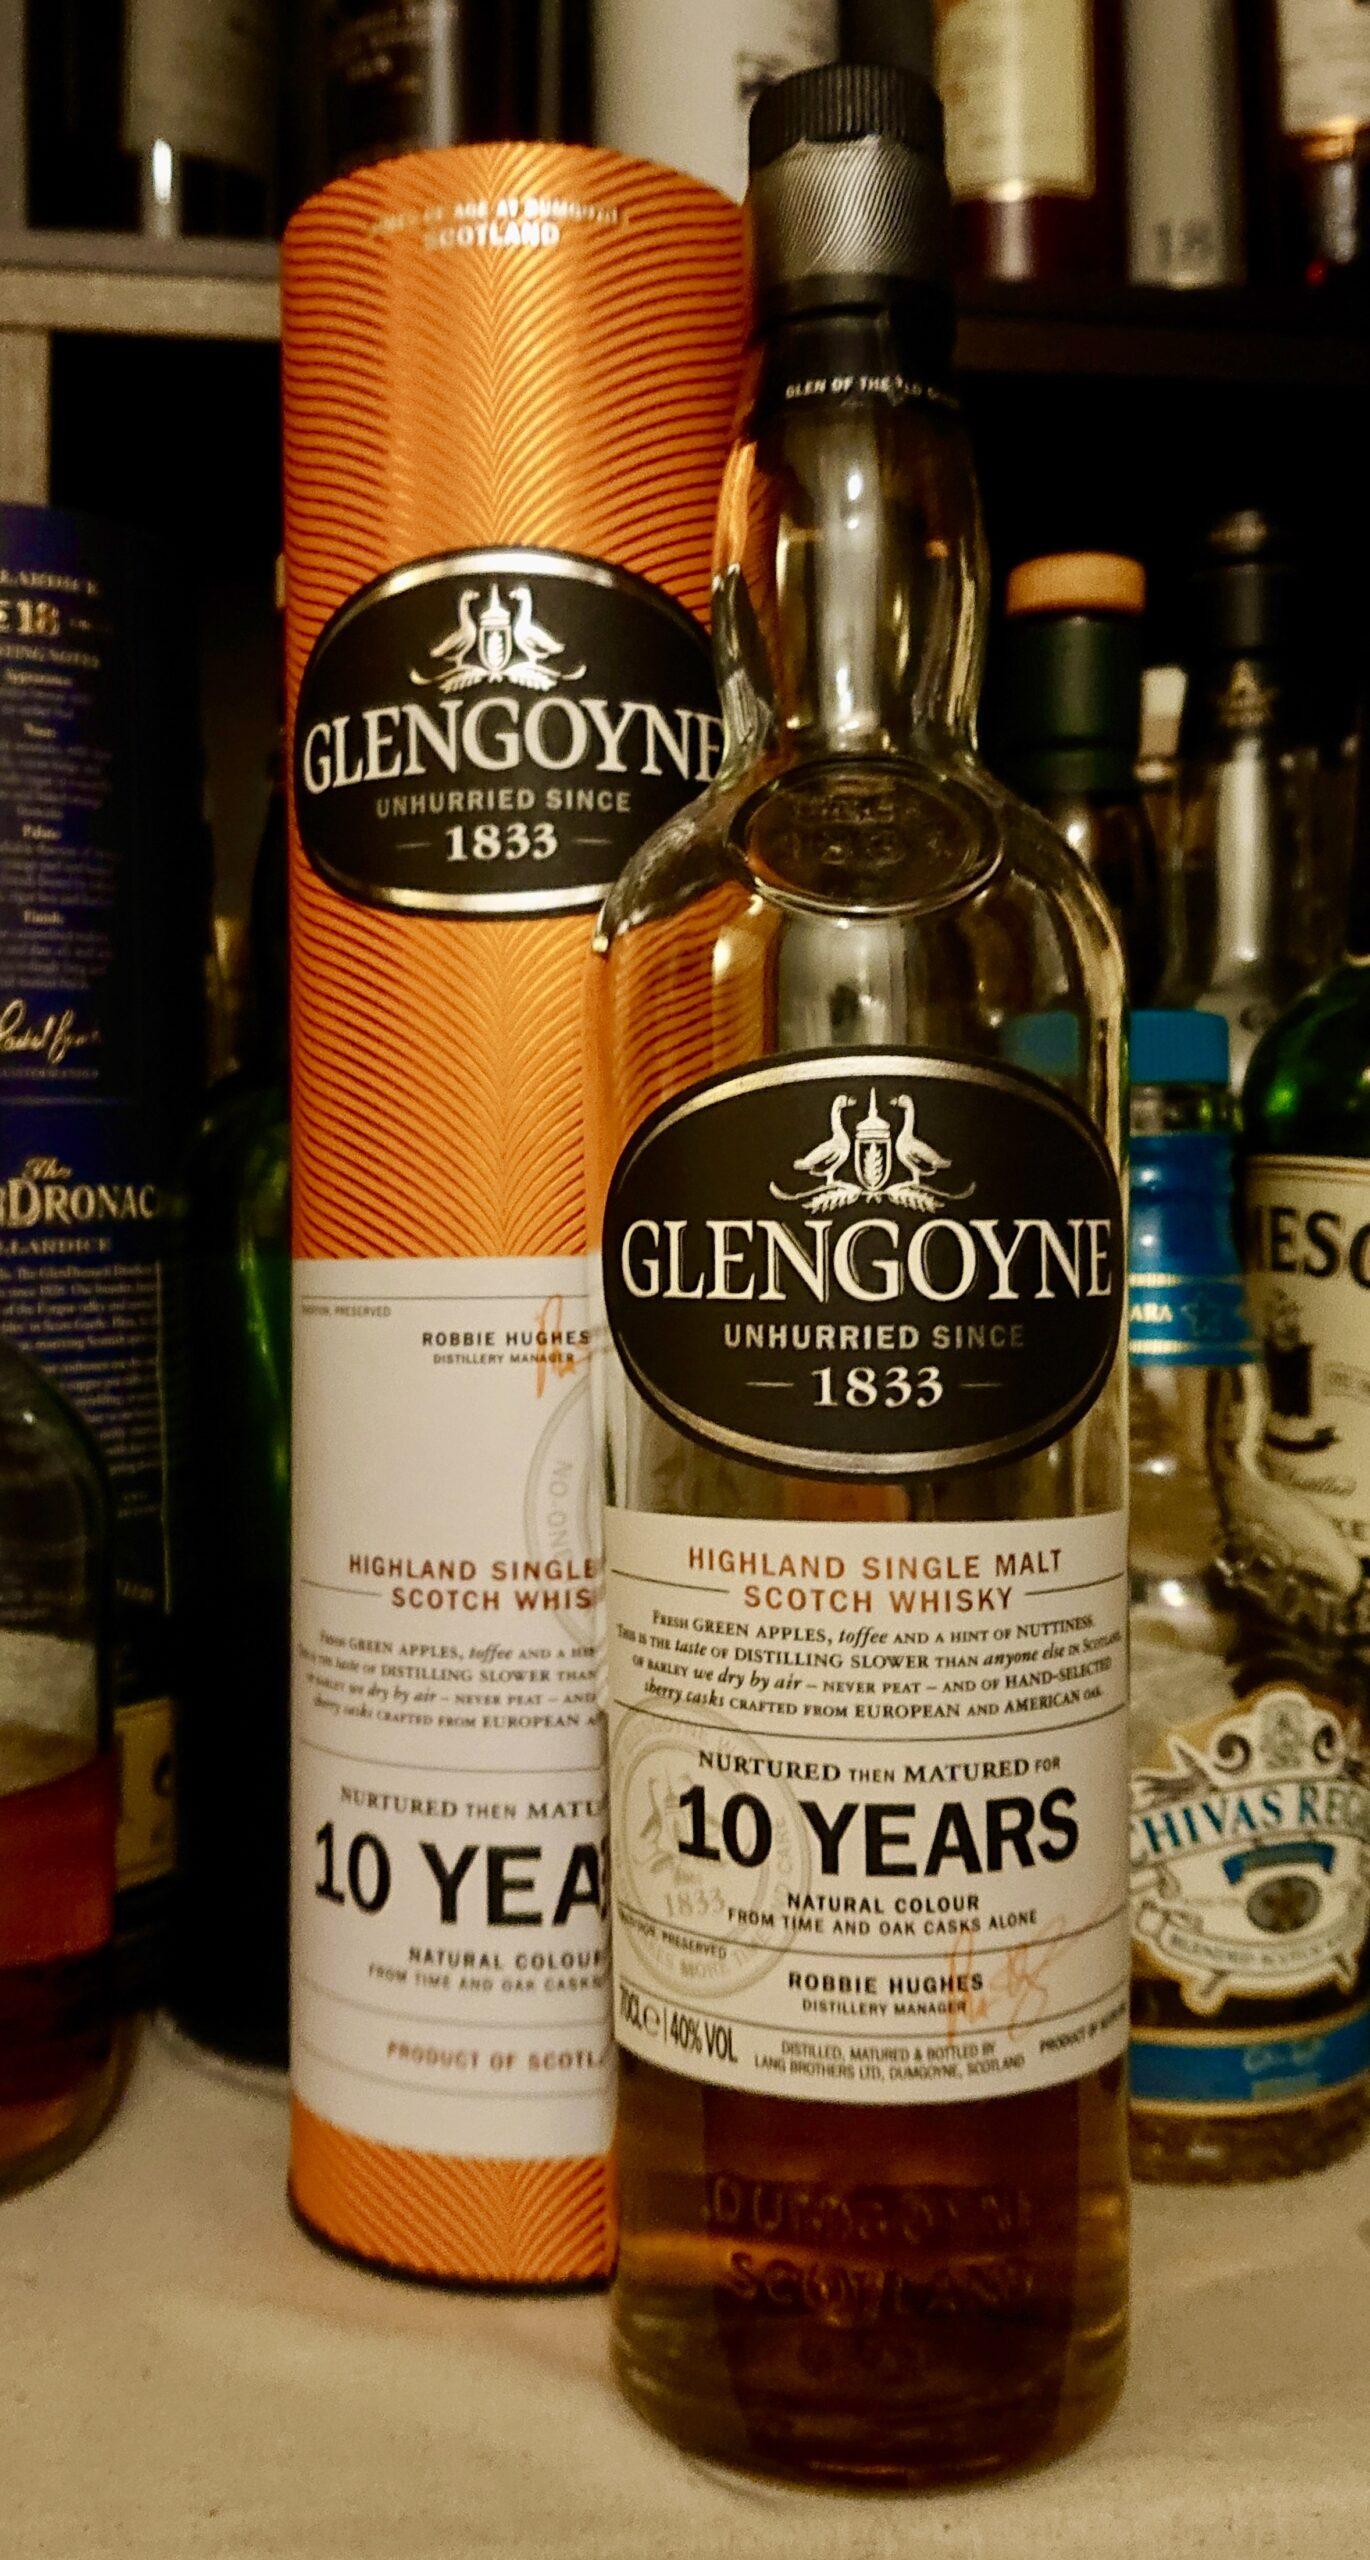 グレンゴイン10年のテイスティング&レヴュー・ハイランドとローランドの間のライト&モルティな癒し系モルト